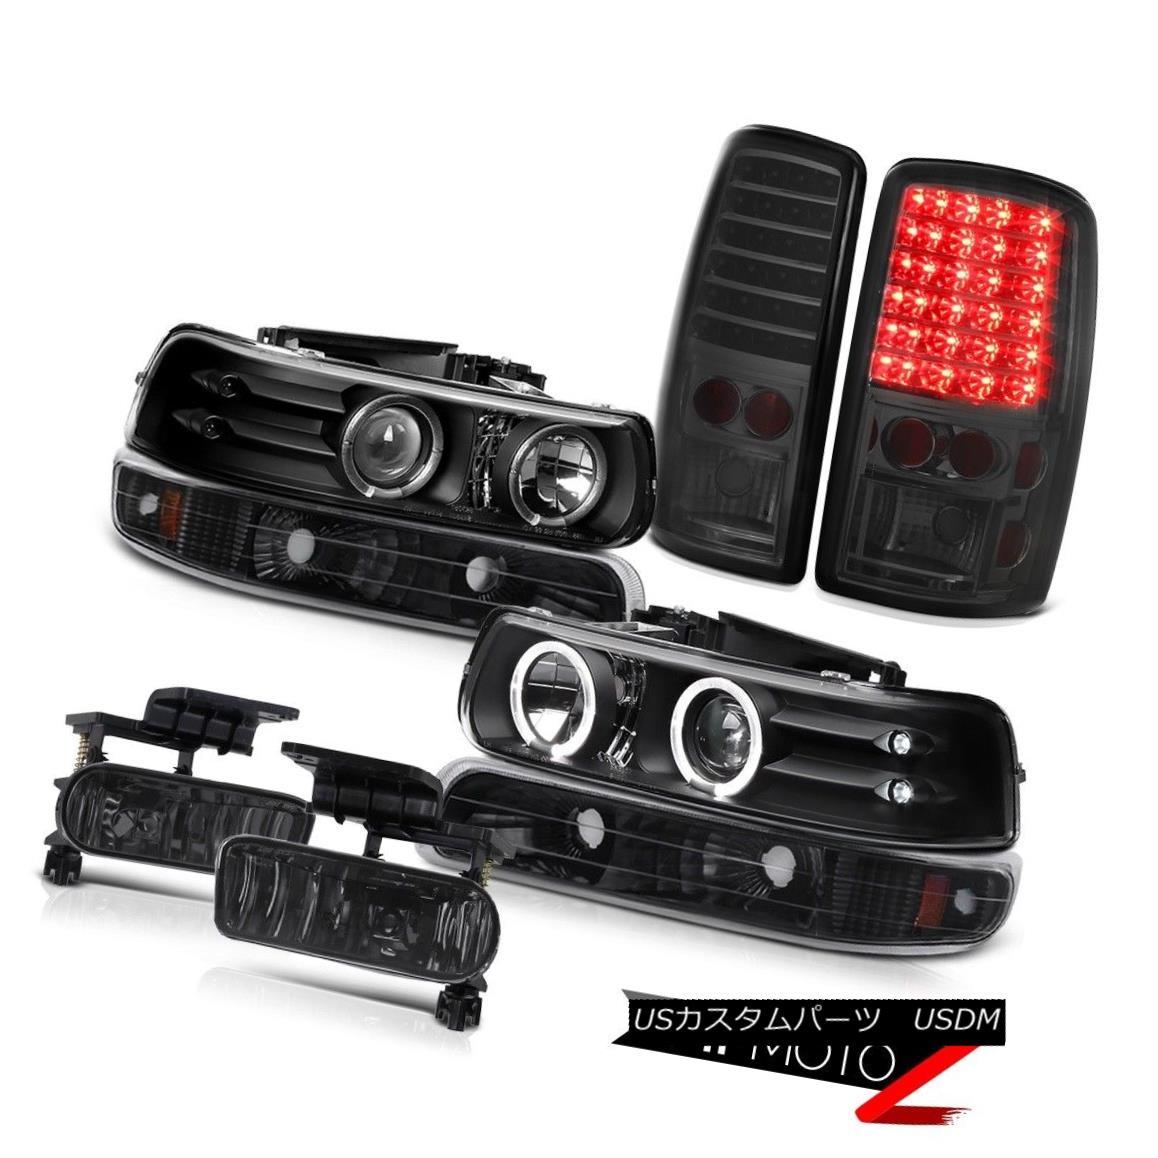 テールライト Angel Eye Headlights Smoke LED Brake Lamps Foglights 2000-2006 Suburban LT エンジェルアイヘッドライトスモークLEDブレーキランプフォグライト2000-2006郊外LT